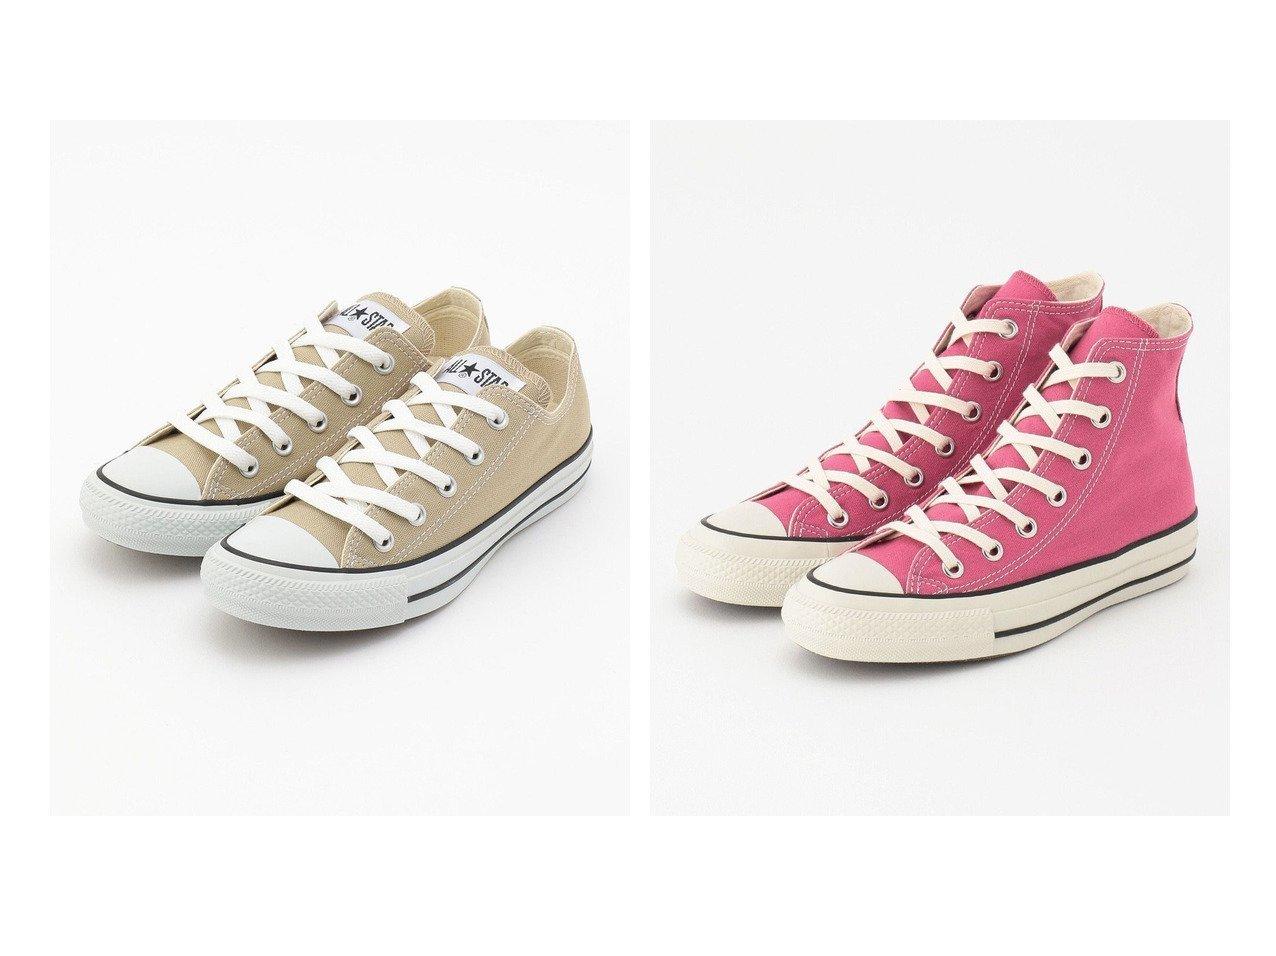 【TOCCA/トッカ】のALL STAR スニーカー&【TOCCA LAVENDER】ALL STAR FOOD TEXTILE スニーカー 【シューズ・靴】おすすめ!人気トレンド・レディースファッション通販 おすすめで人気の流行・トレンド、ファッションの通販商品 インテリア・家具・メンズファッション・キッズファッション・レディースファッション・服の通販 founy(ファニー) https://founy.com/ ファッション Fashion レディースファッション WOMEN 送料無料 Free Shipping シューズ スニーカー トレンド  ID:crp329100000046894